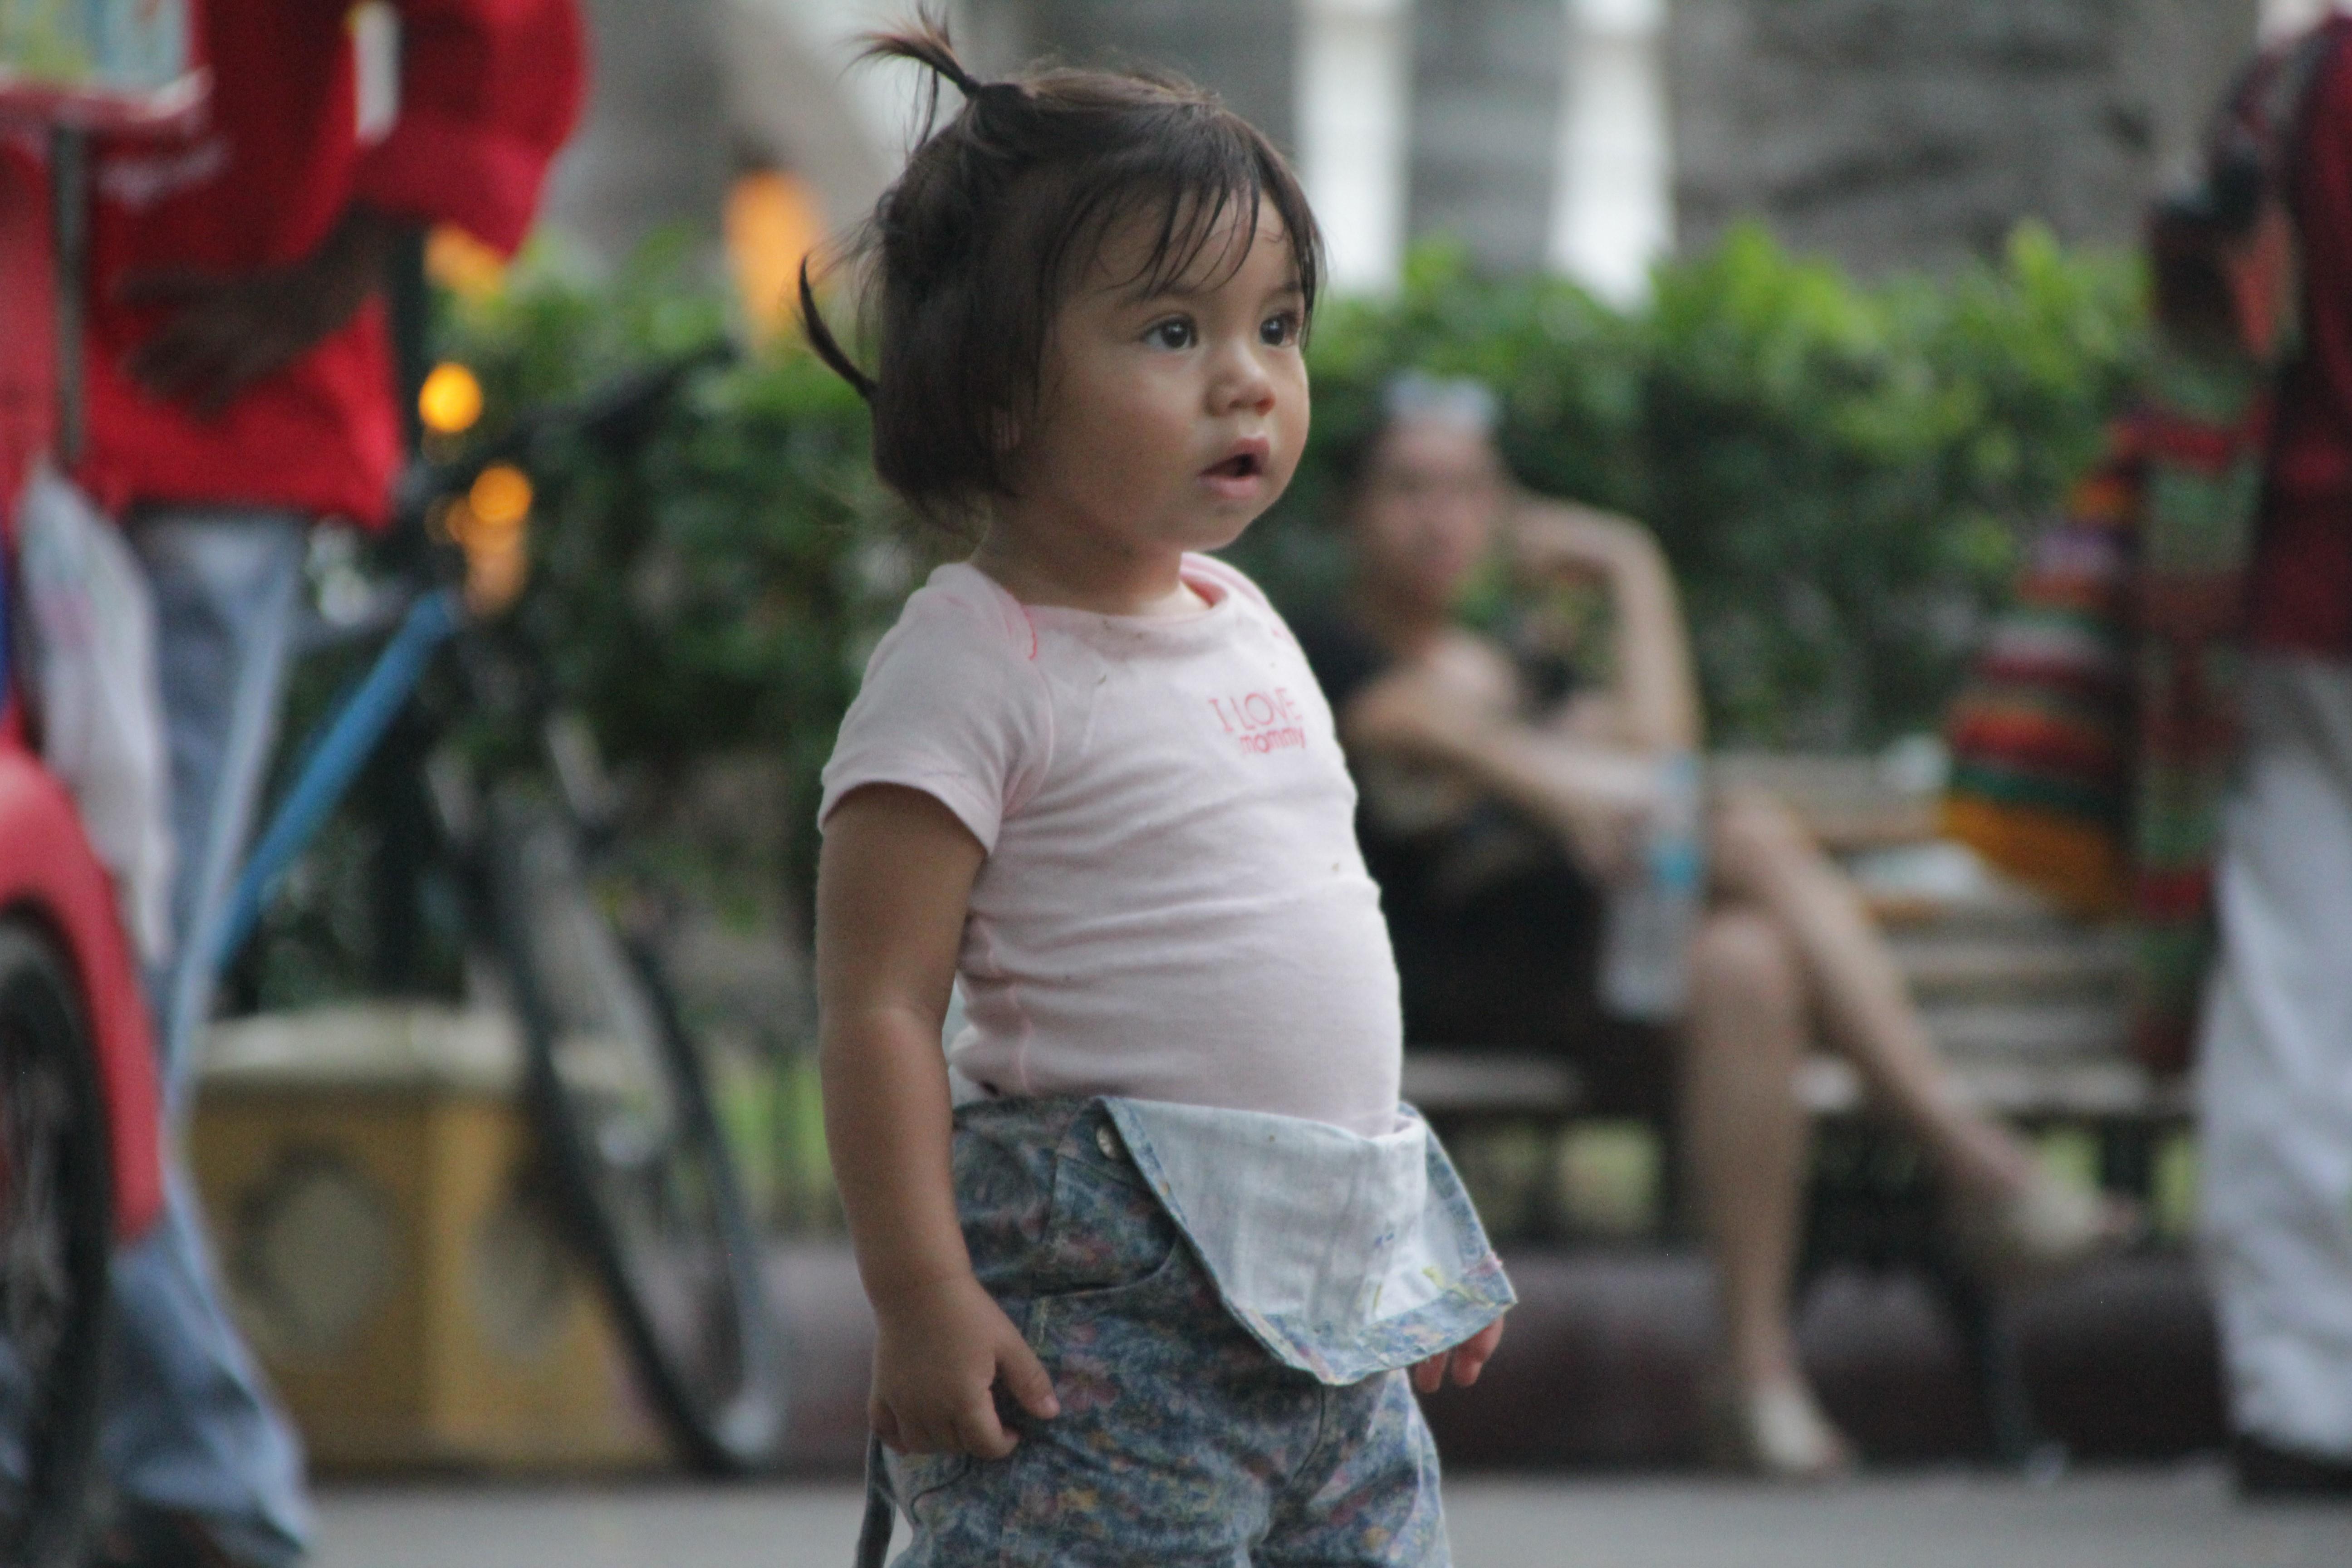 Un spectacle qui laisse cette petite fille bouche bée (© Jérôme Decoster).